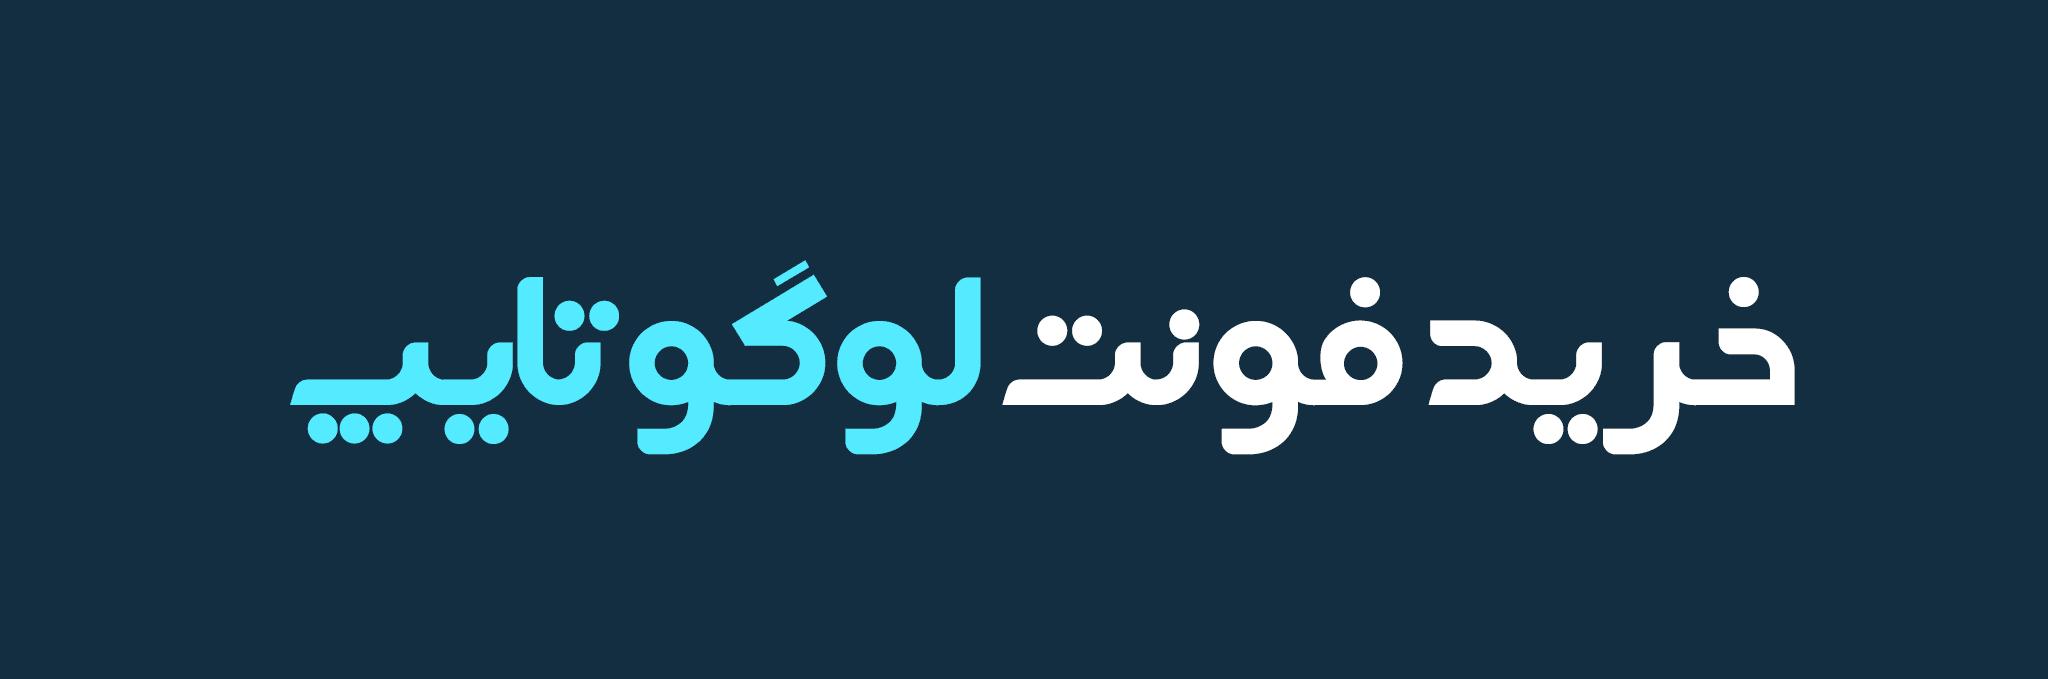 دانلود فونت فارسی اسنپ